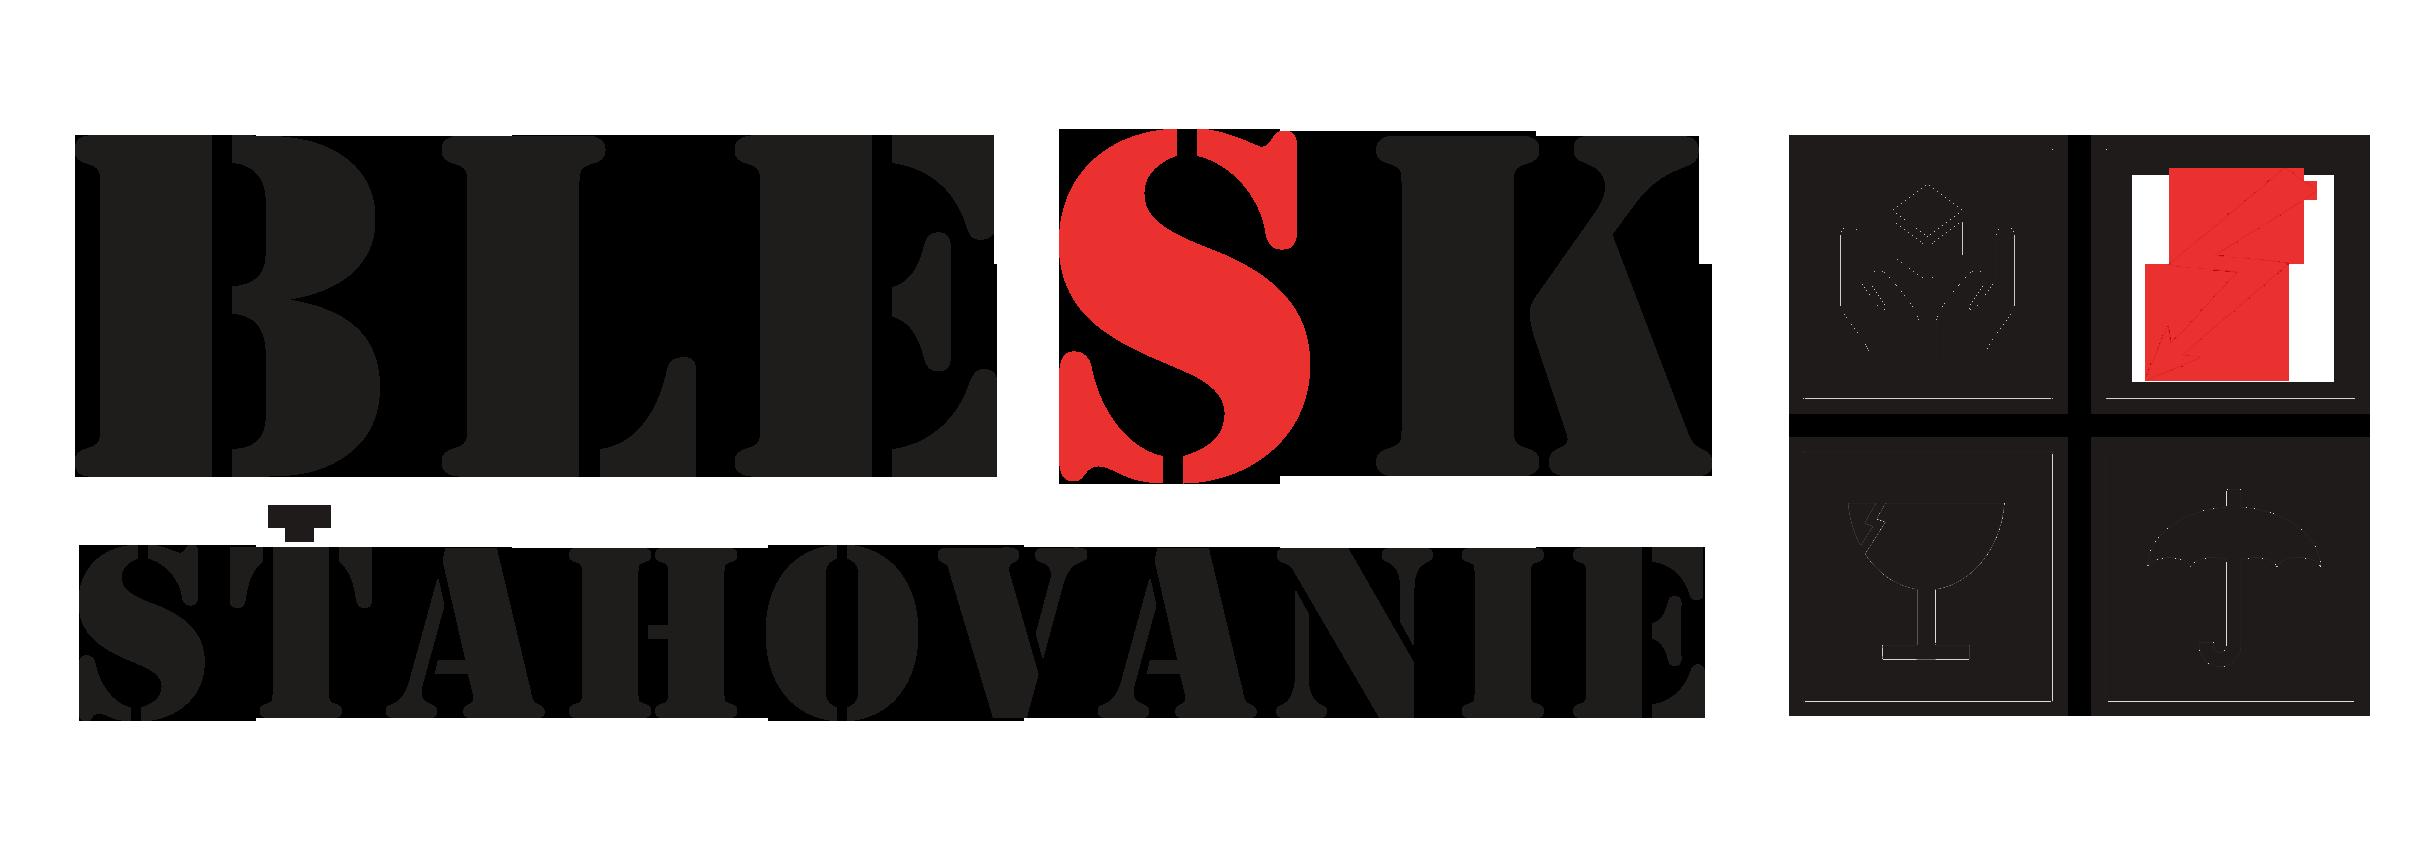 BLESK - Sťahovanie Vám ponúka sťahovacie a doplnkové služby.